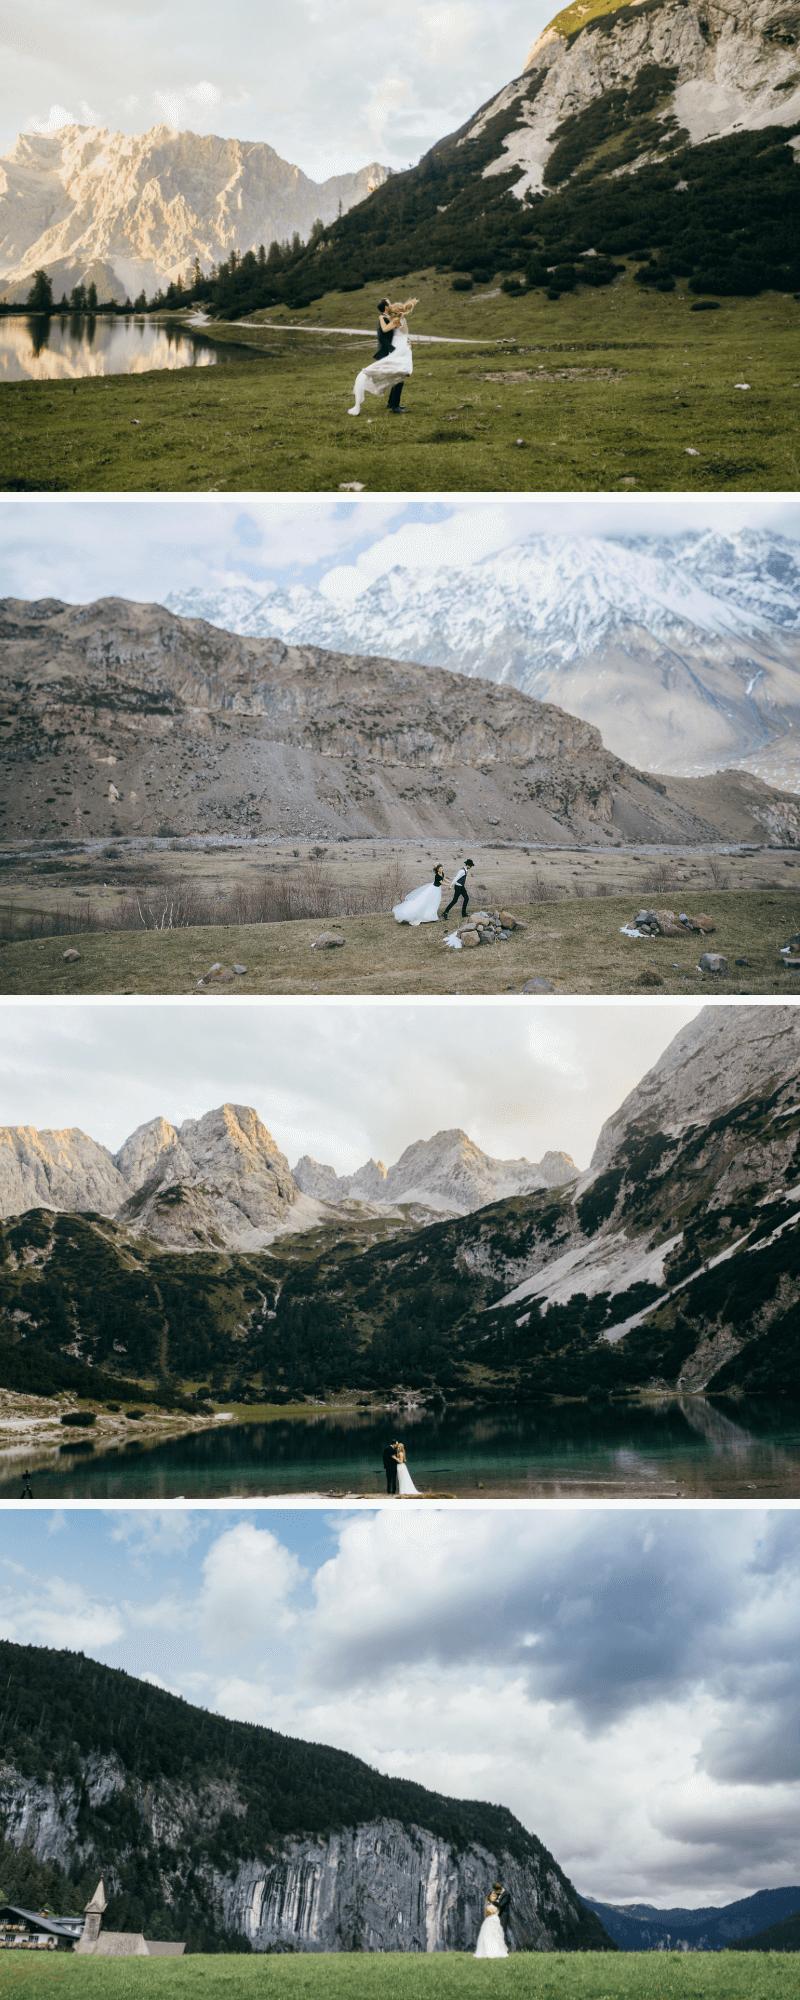 hochzeitsfotos ideen, hochzeit fotoideen, hochzeitsfotograf, hochzeitsbilder ideen, brautpaar shooting ideen